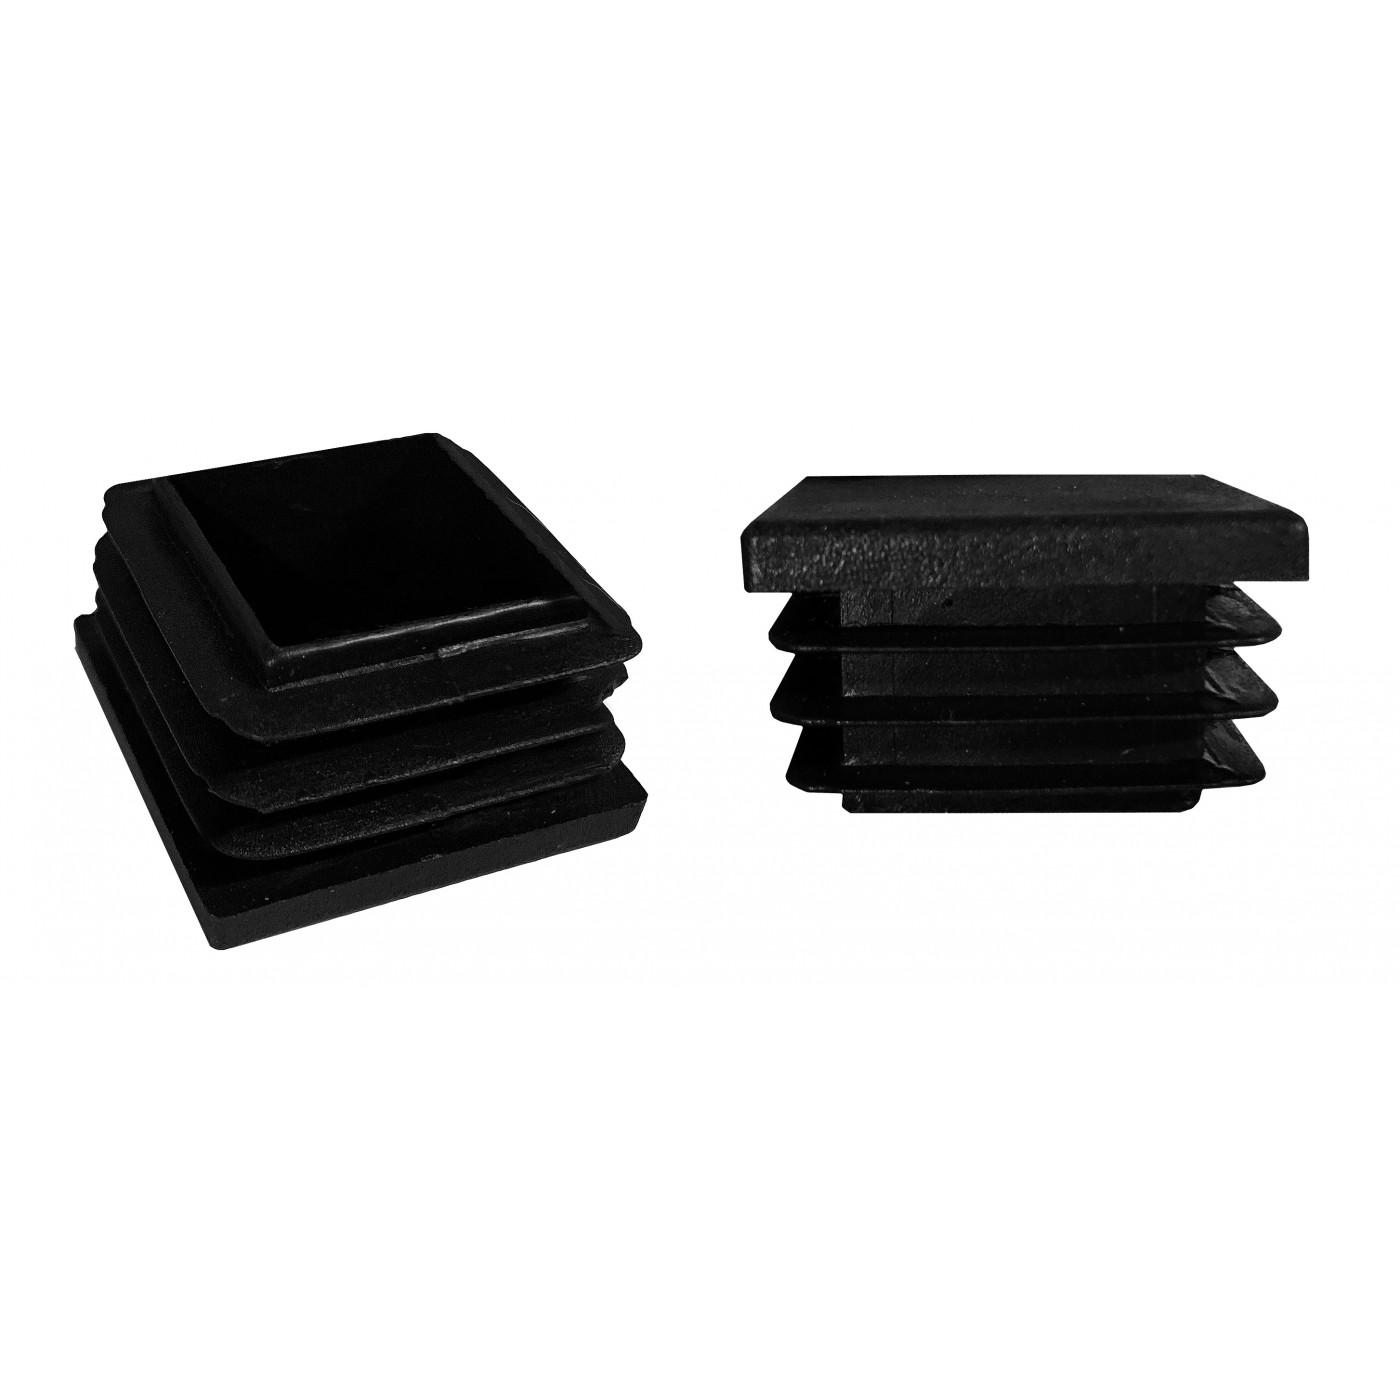 Set von 50 Stuhlbeinkappen (F19/E20.5/D22, schwarz)  - 1